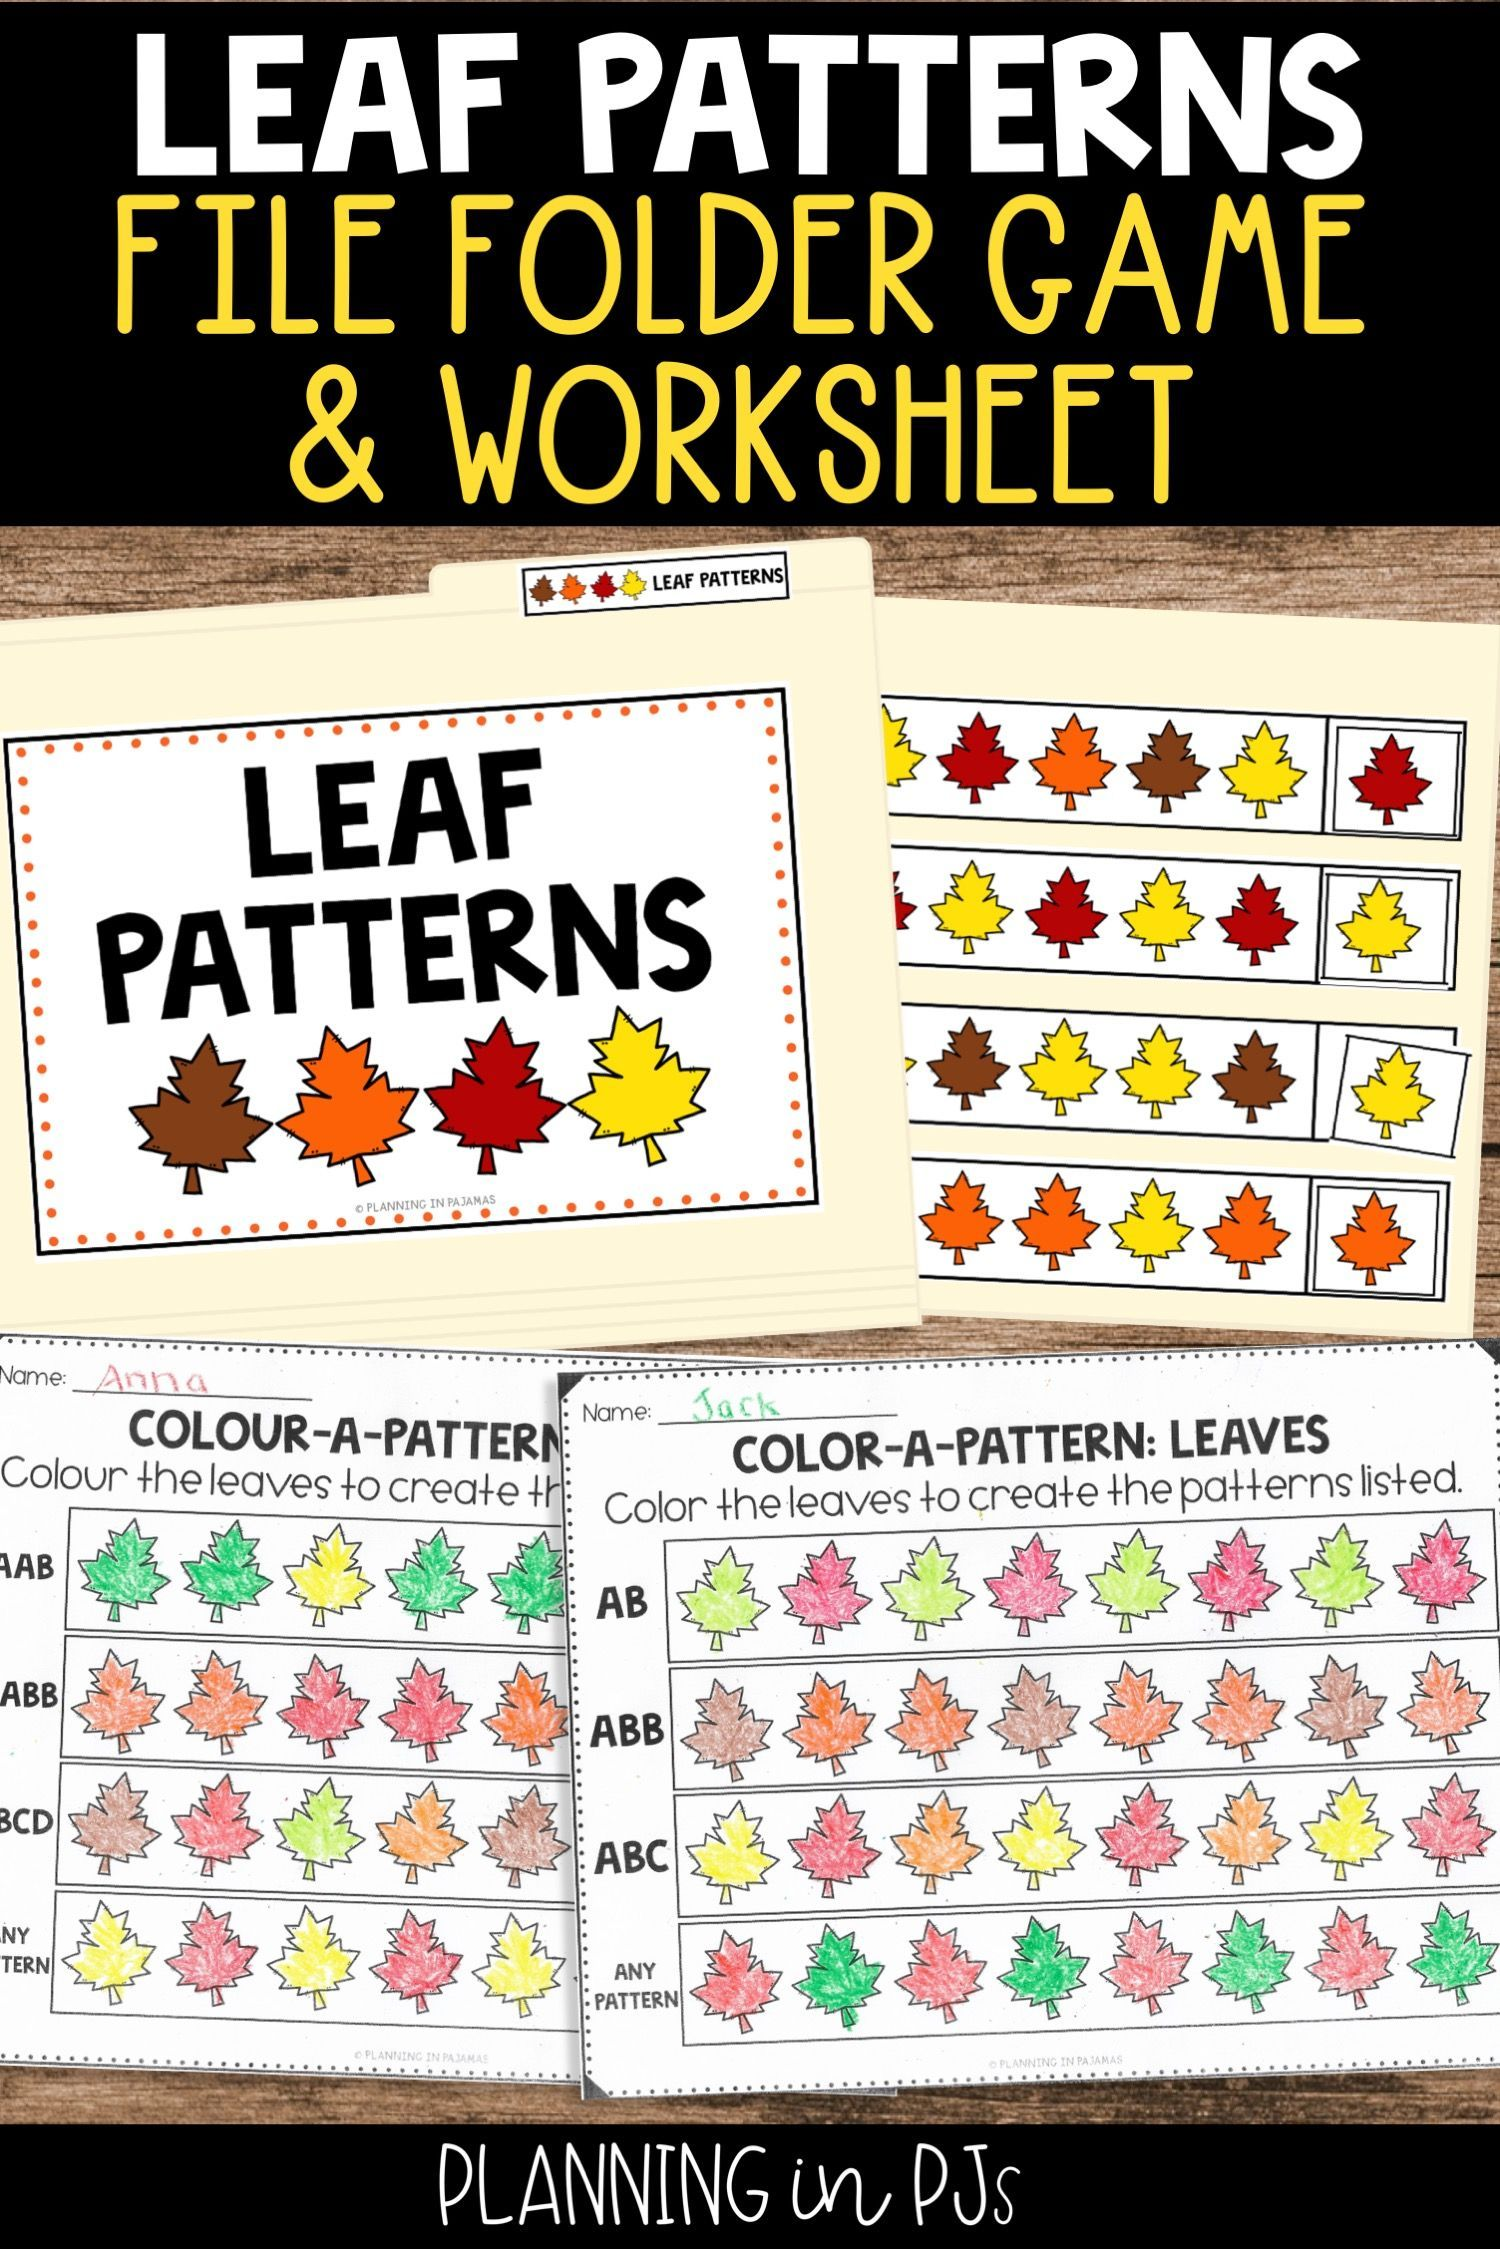 Leaf Patterns (Worksheets + File Folder Game)   Pattern worksheet [ 2249 x 1500 Pixel ]